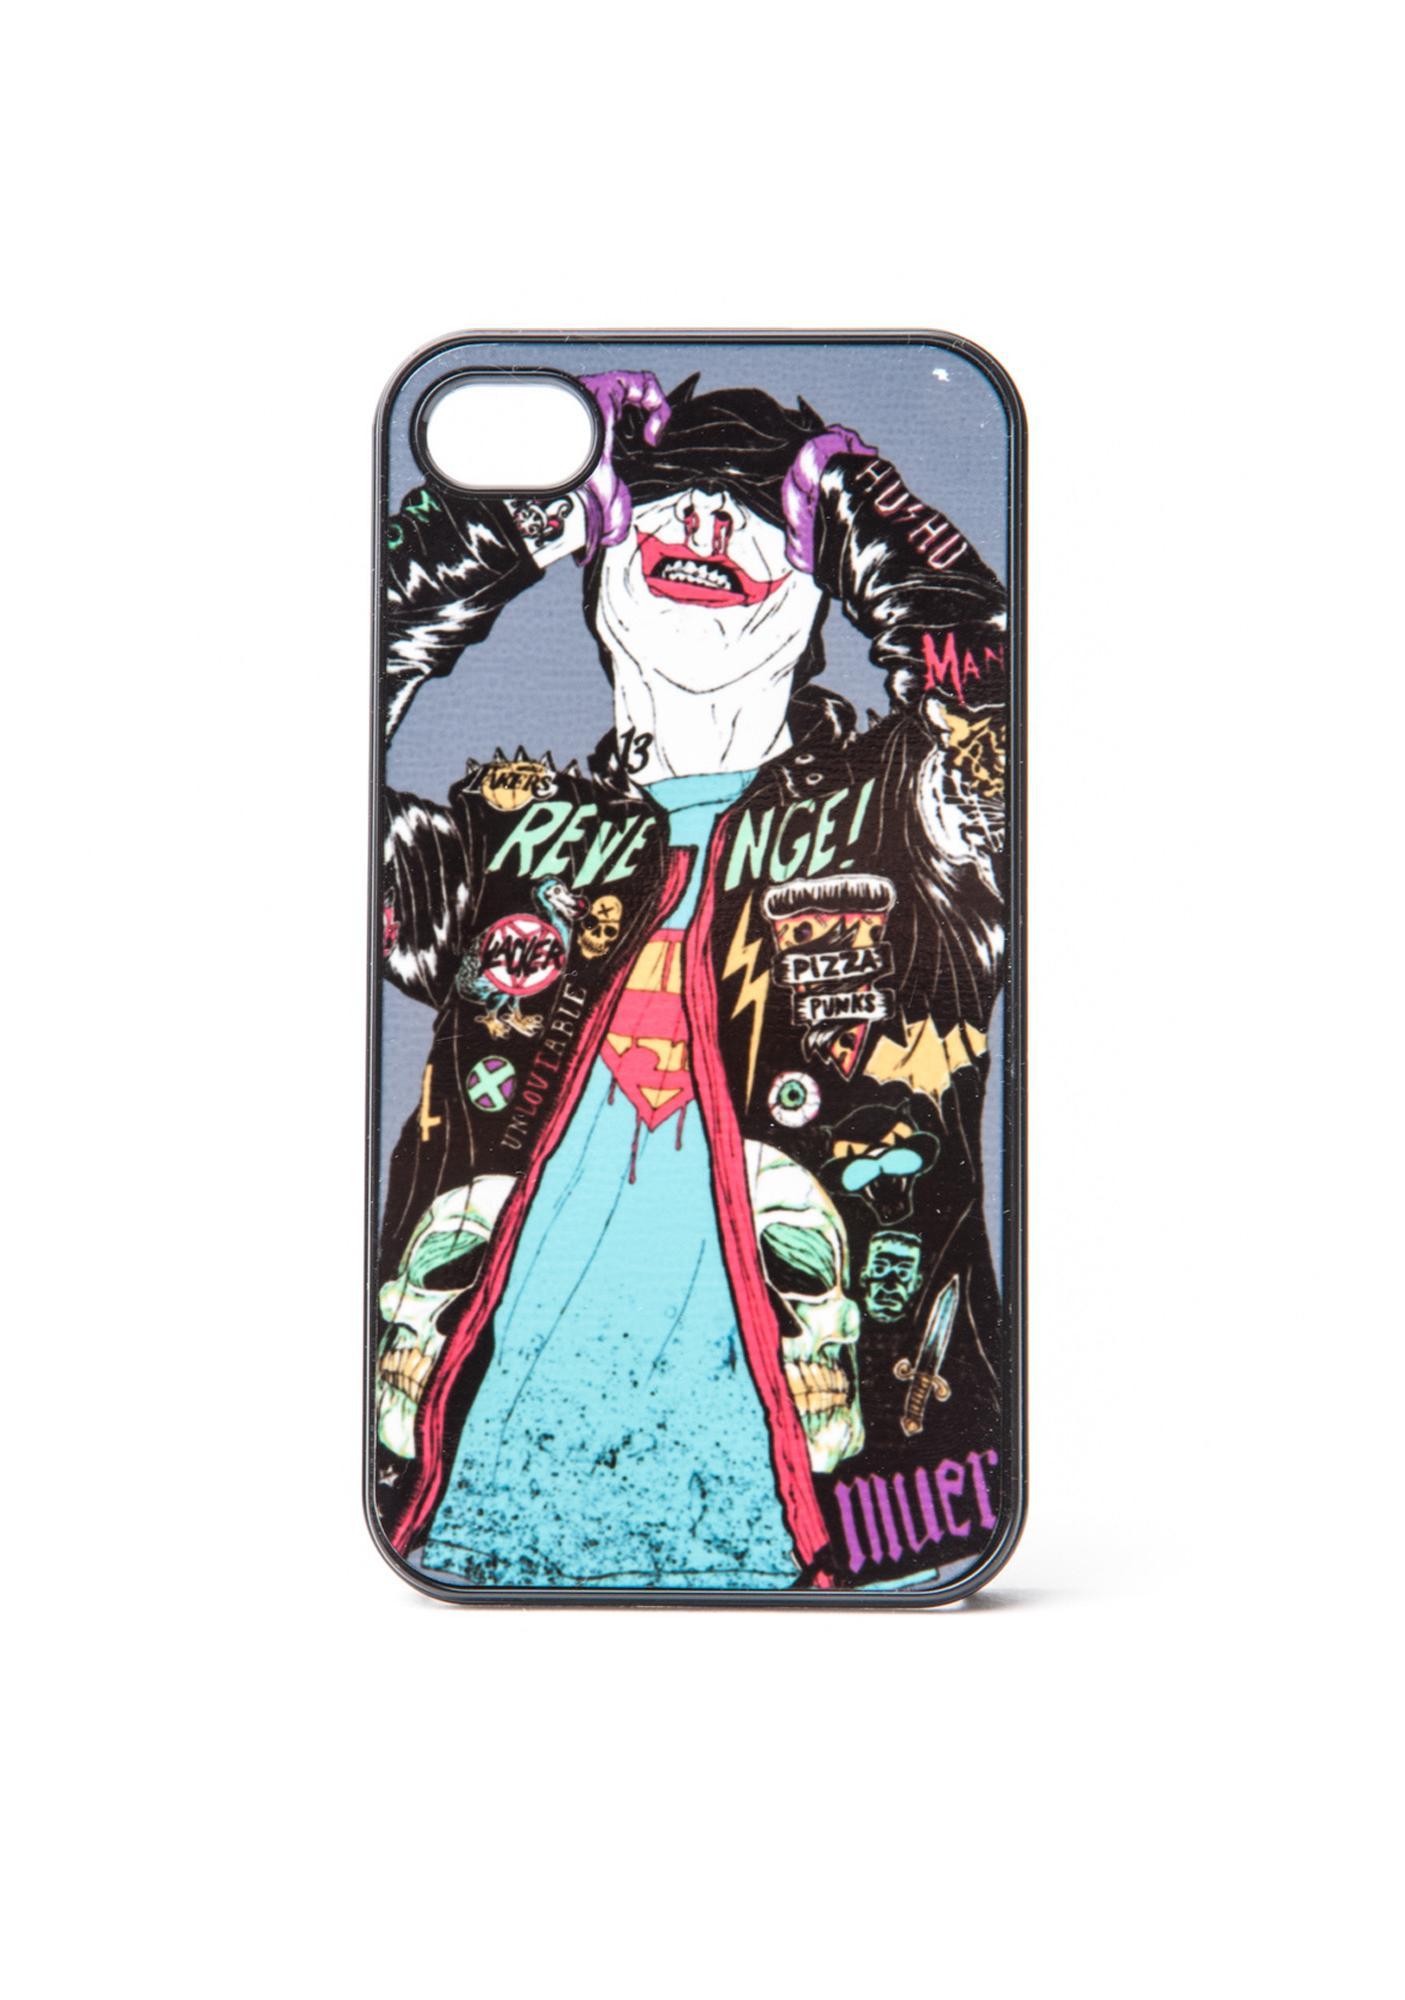 Disturbia Revenge iPhone Case